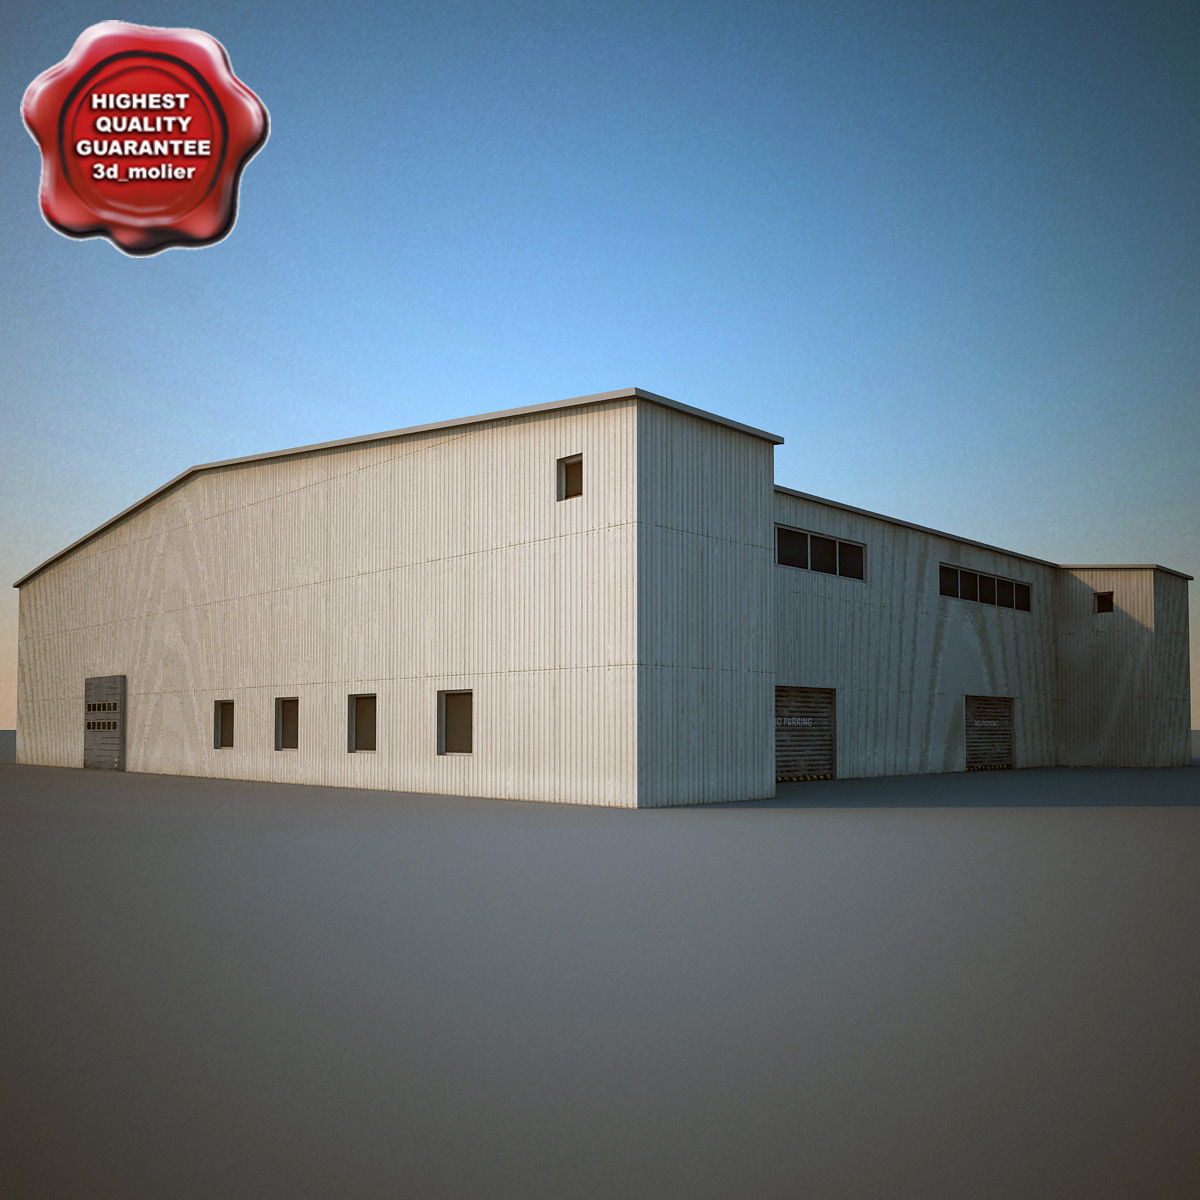 3d model of industrial building v4